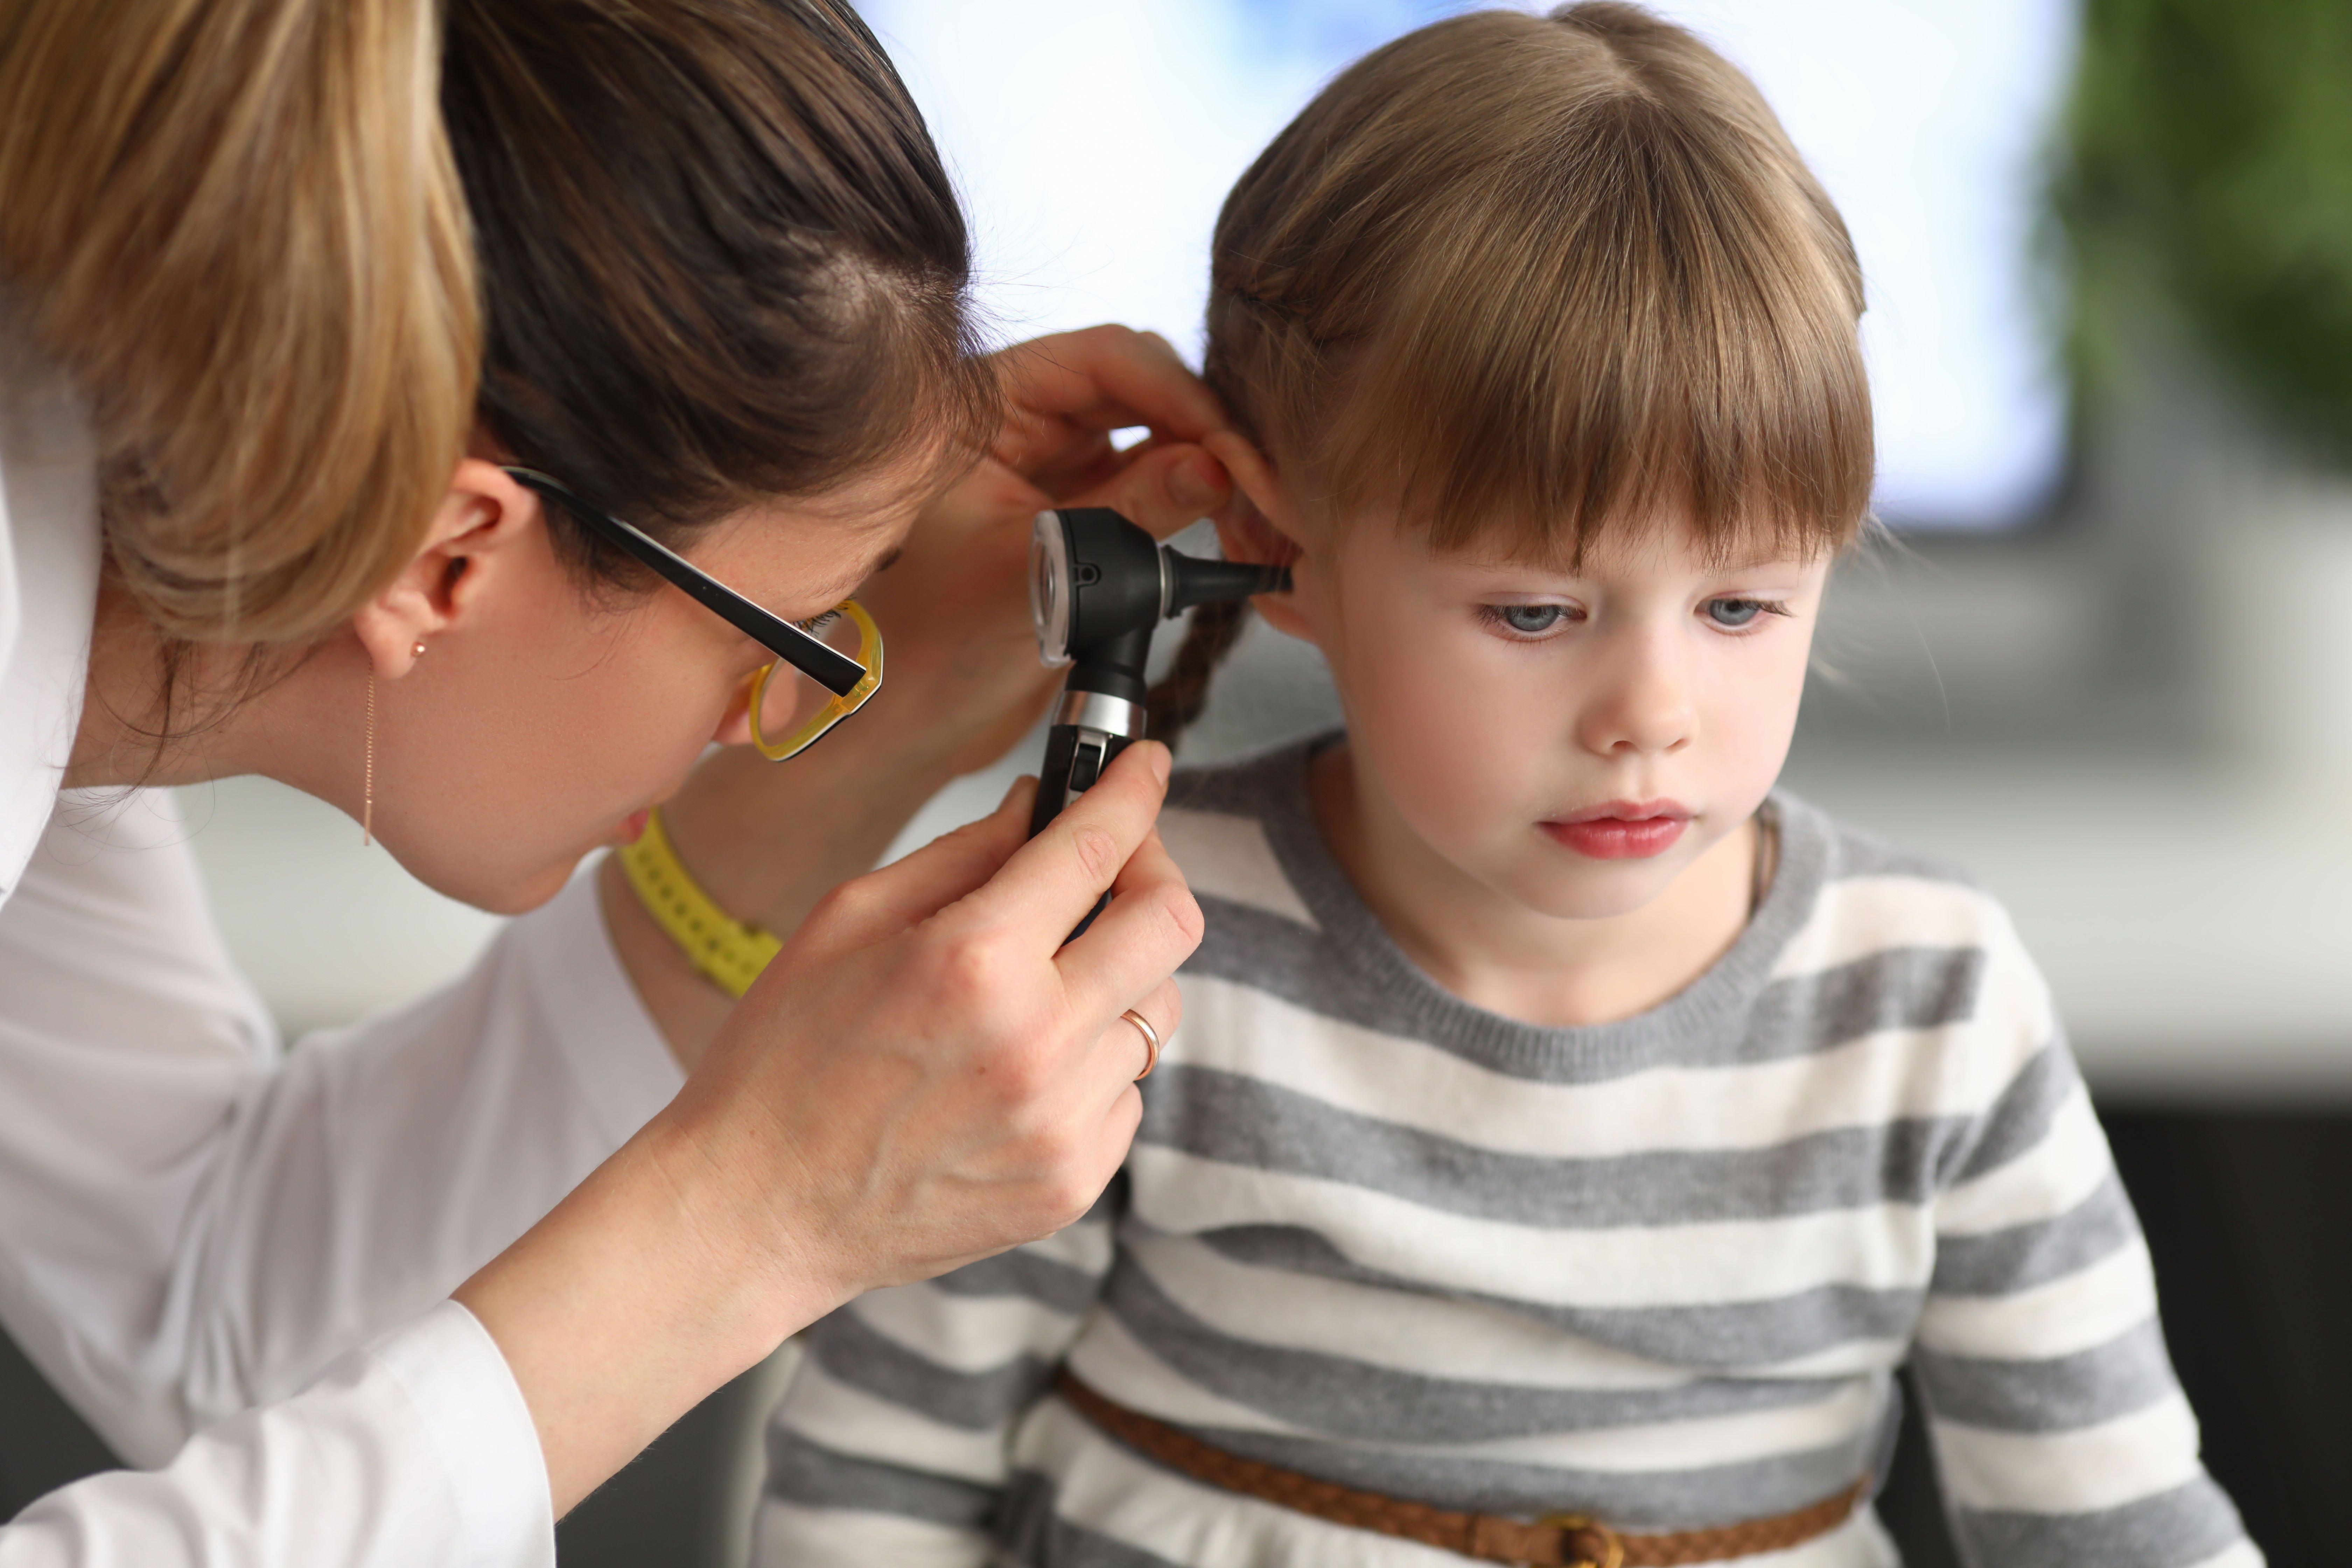 Gydytoja tikrina vaiko ausį